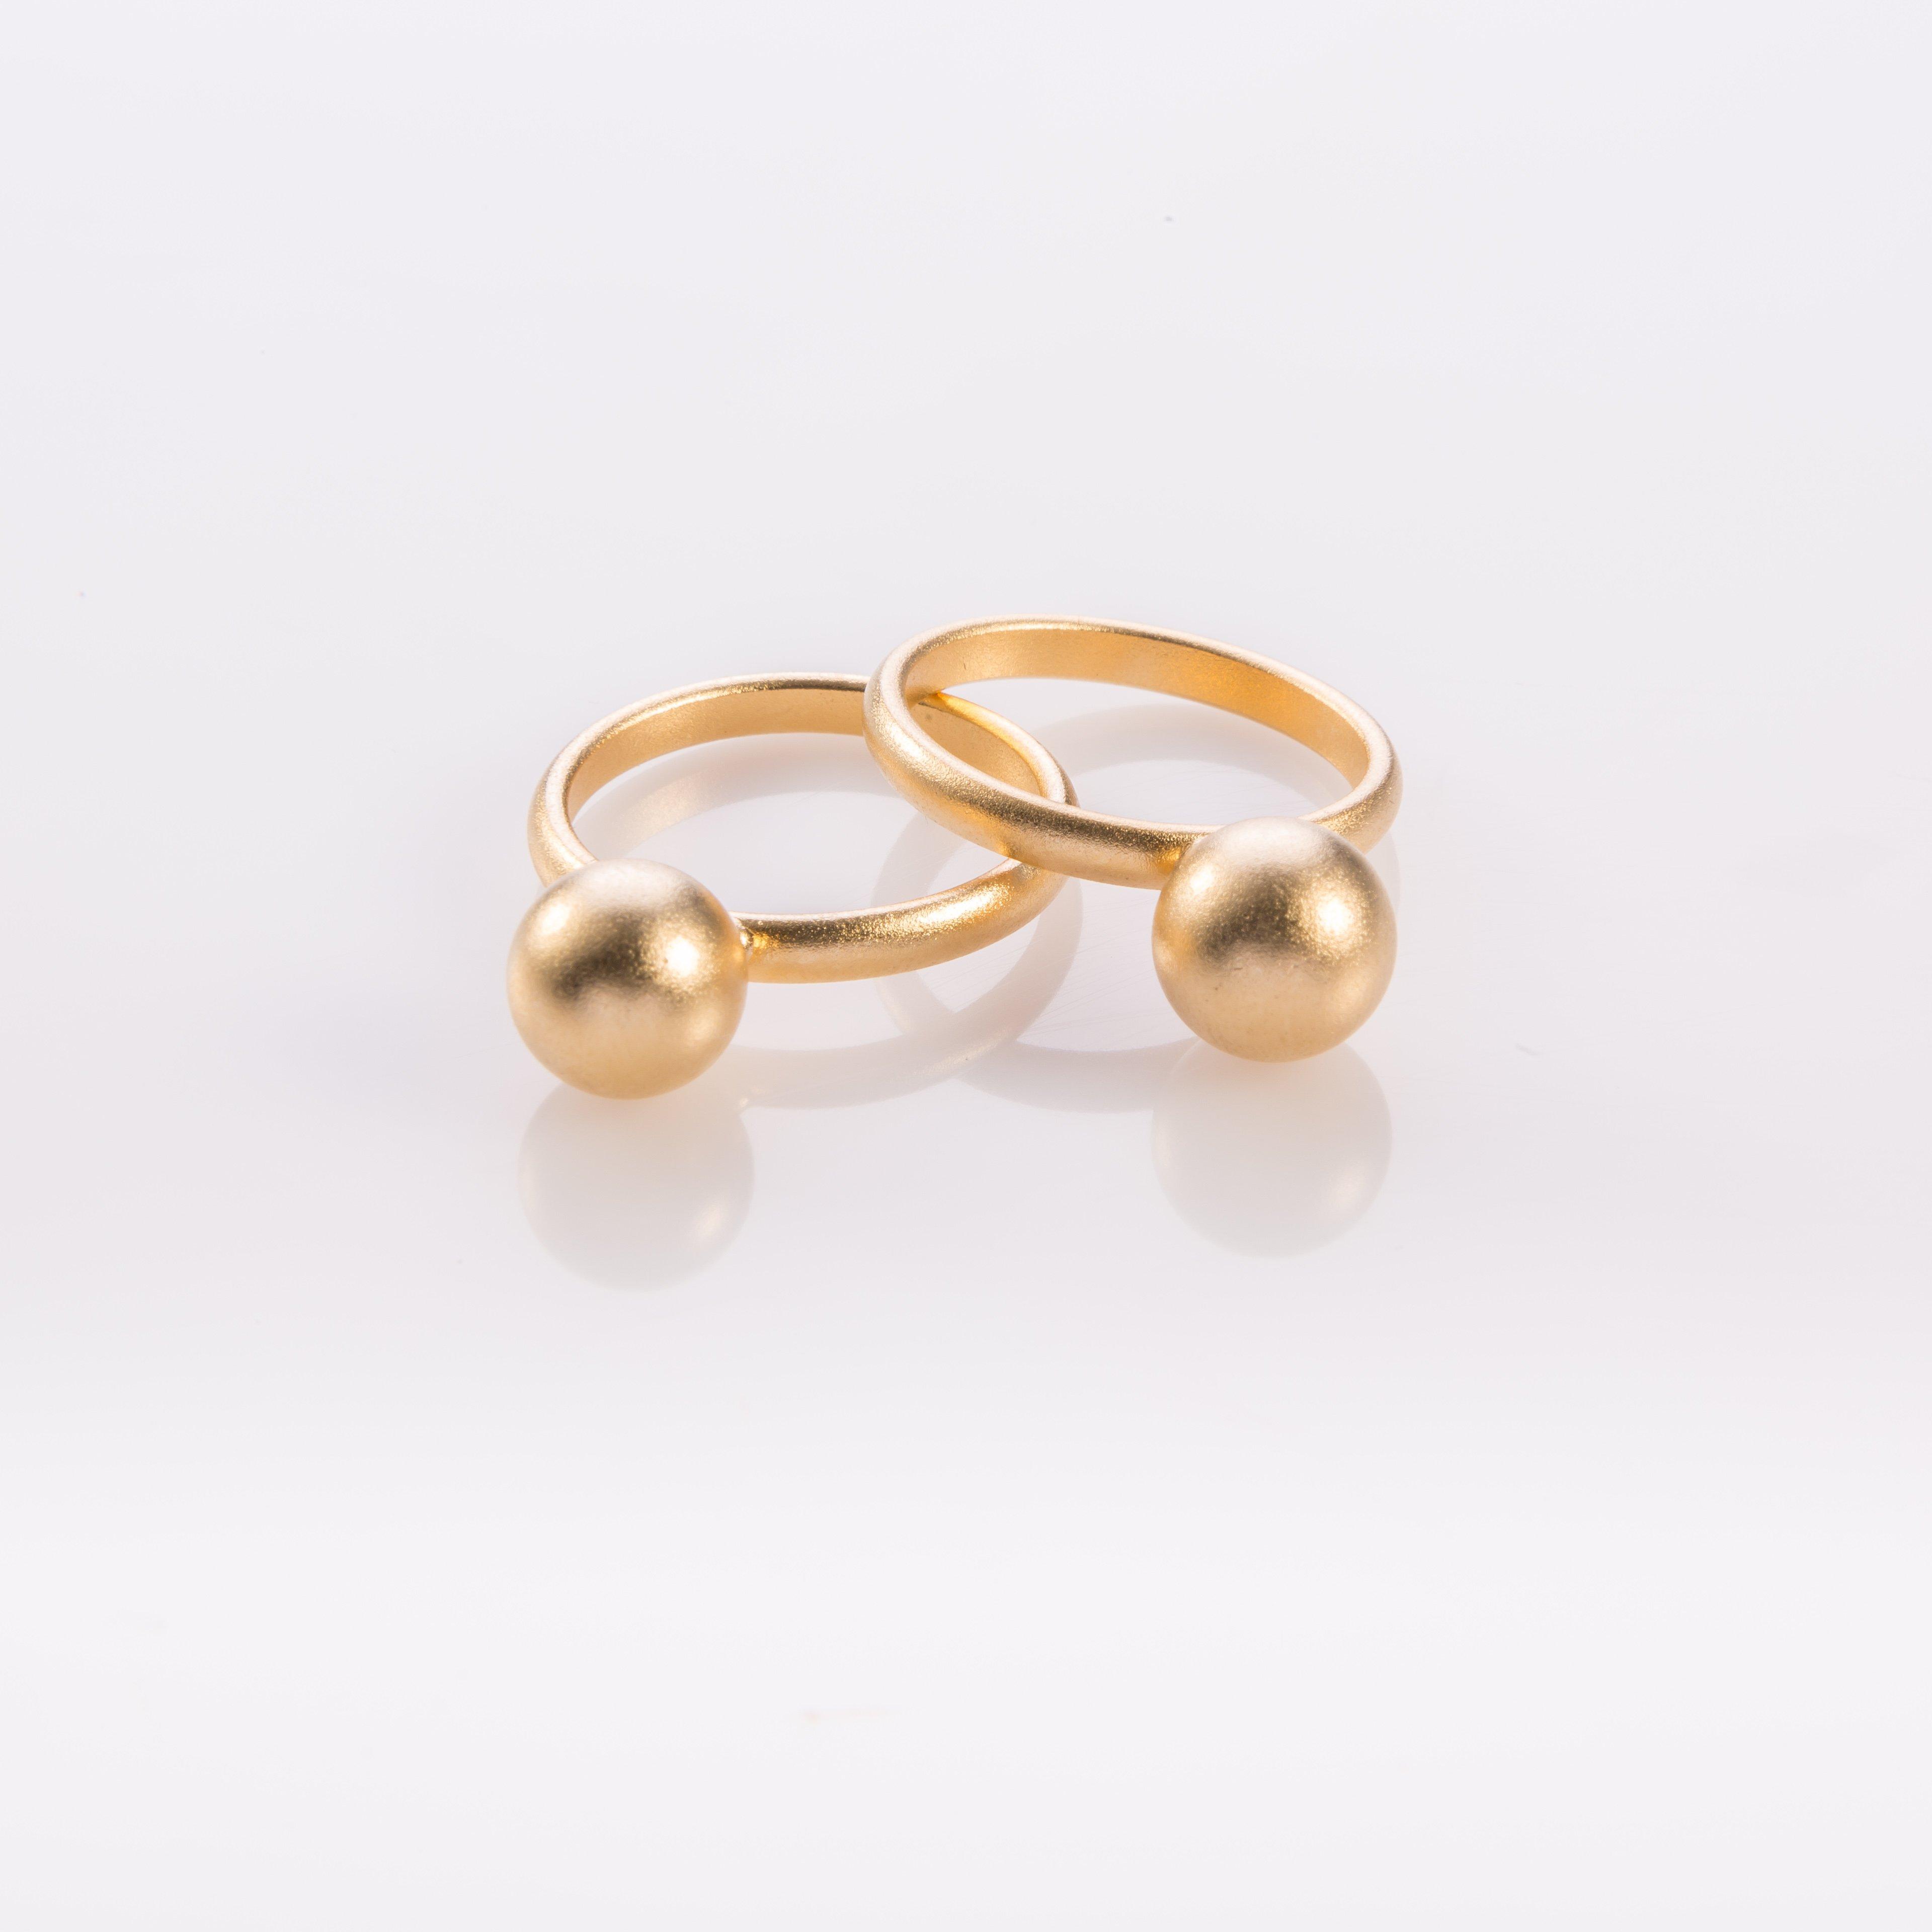 תמונת מוצר, טבעת עגולה בצבע זהב עם כדור גדול במרכז.